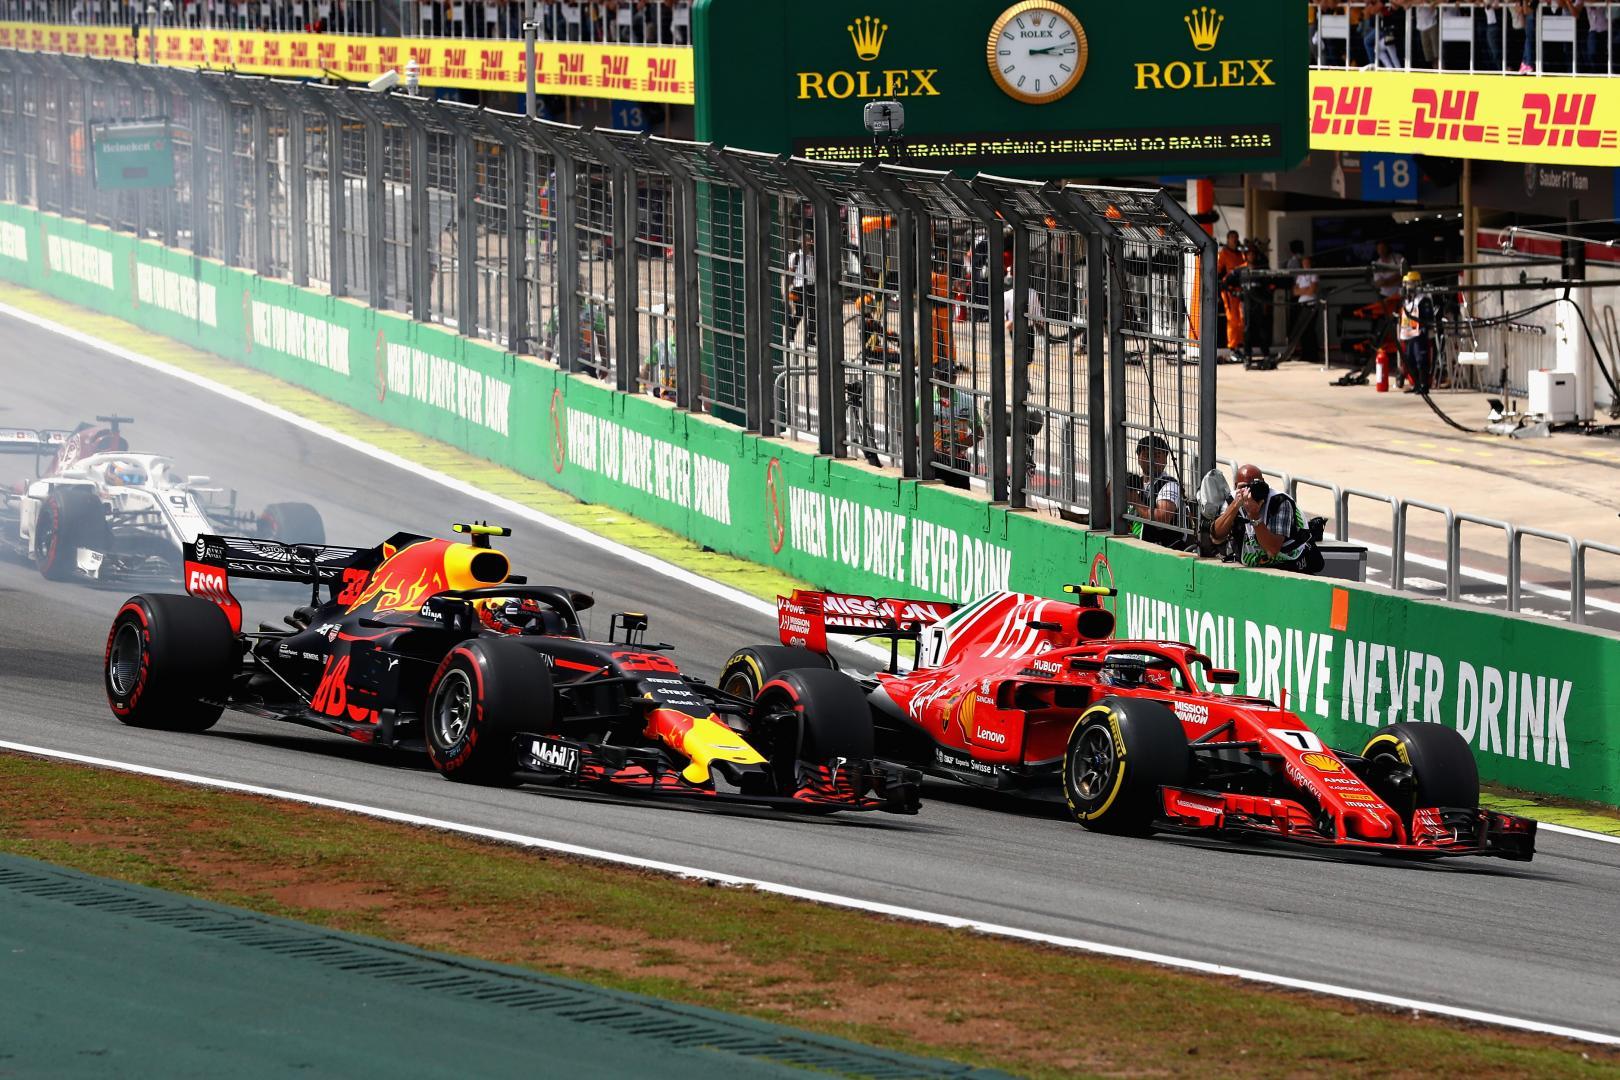 kimi raikkonen Max Verstappen GP van brazilie